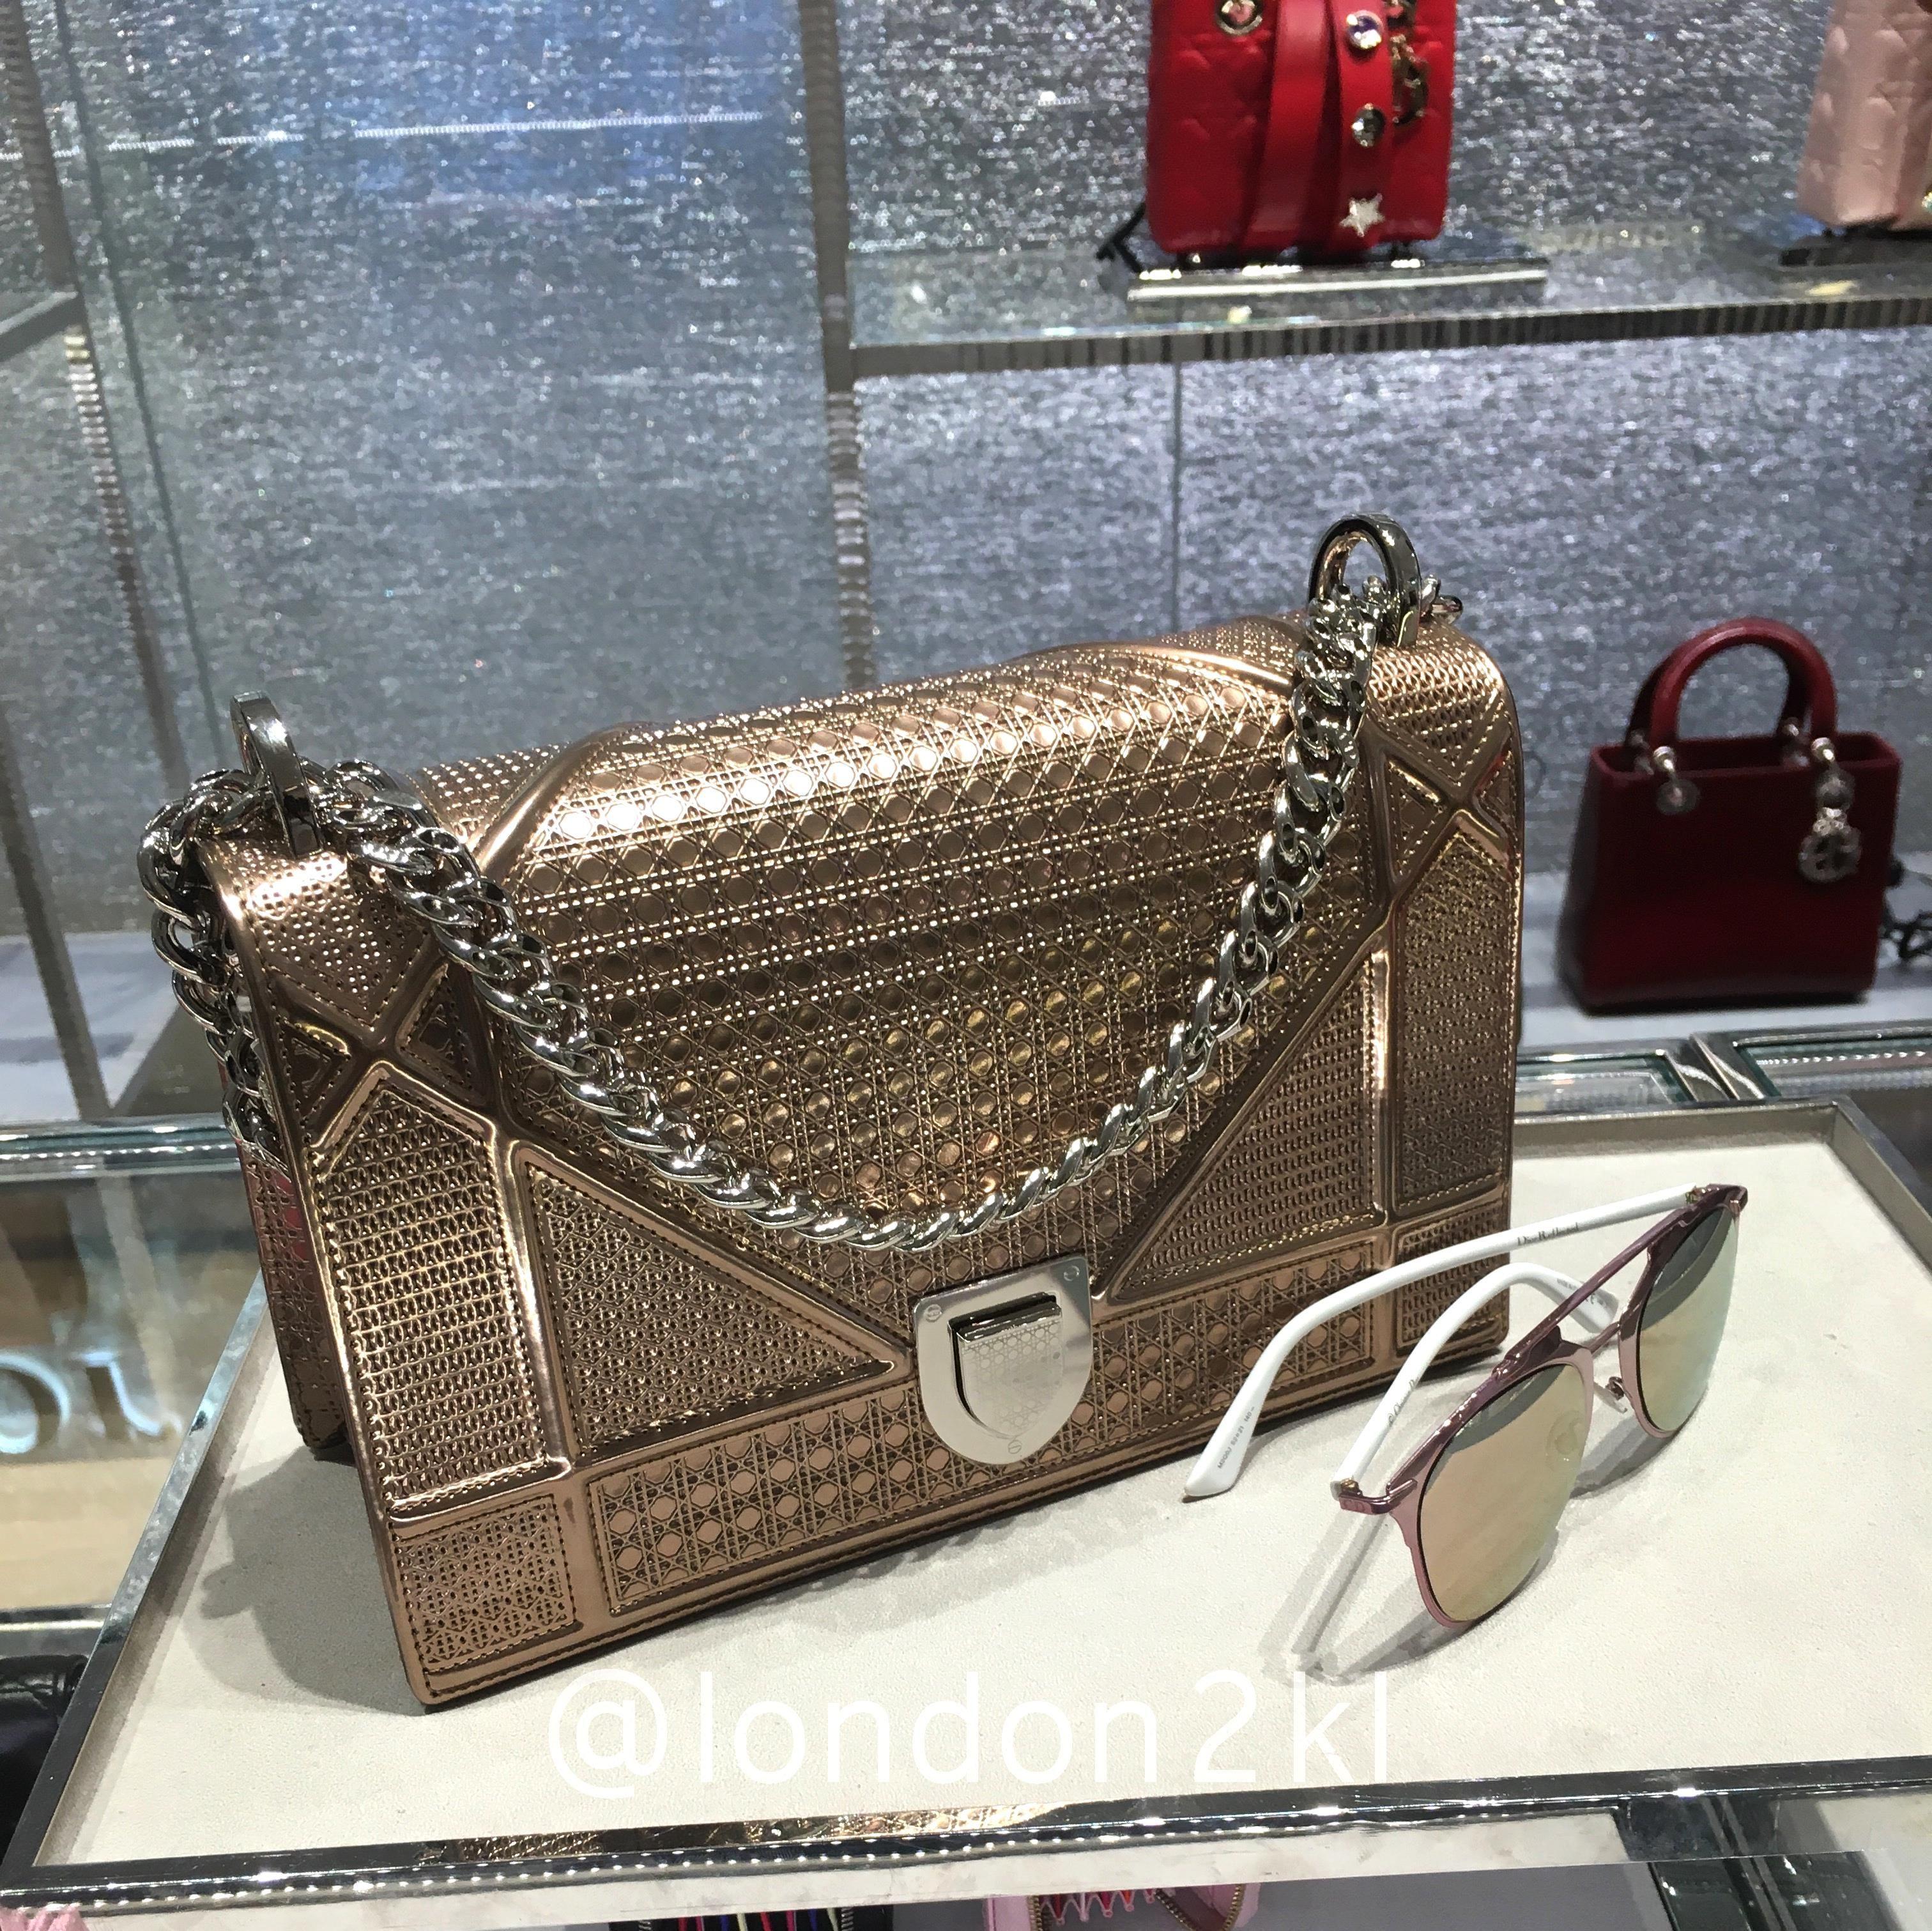 54c1303da070 DEC' SPECIAL PRICE! Medium Diorama in Rose Gold RM14,320 ❤it? Reserve it  before it's gone! WhatsApp us #L2KLDior